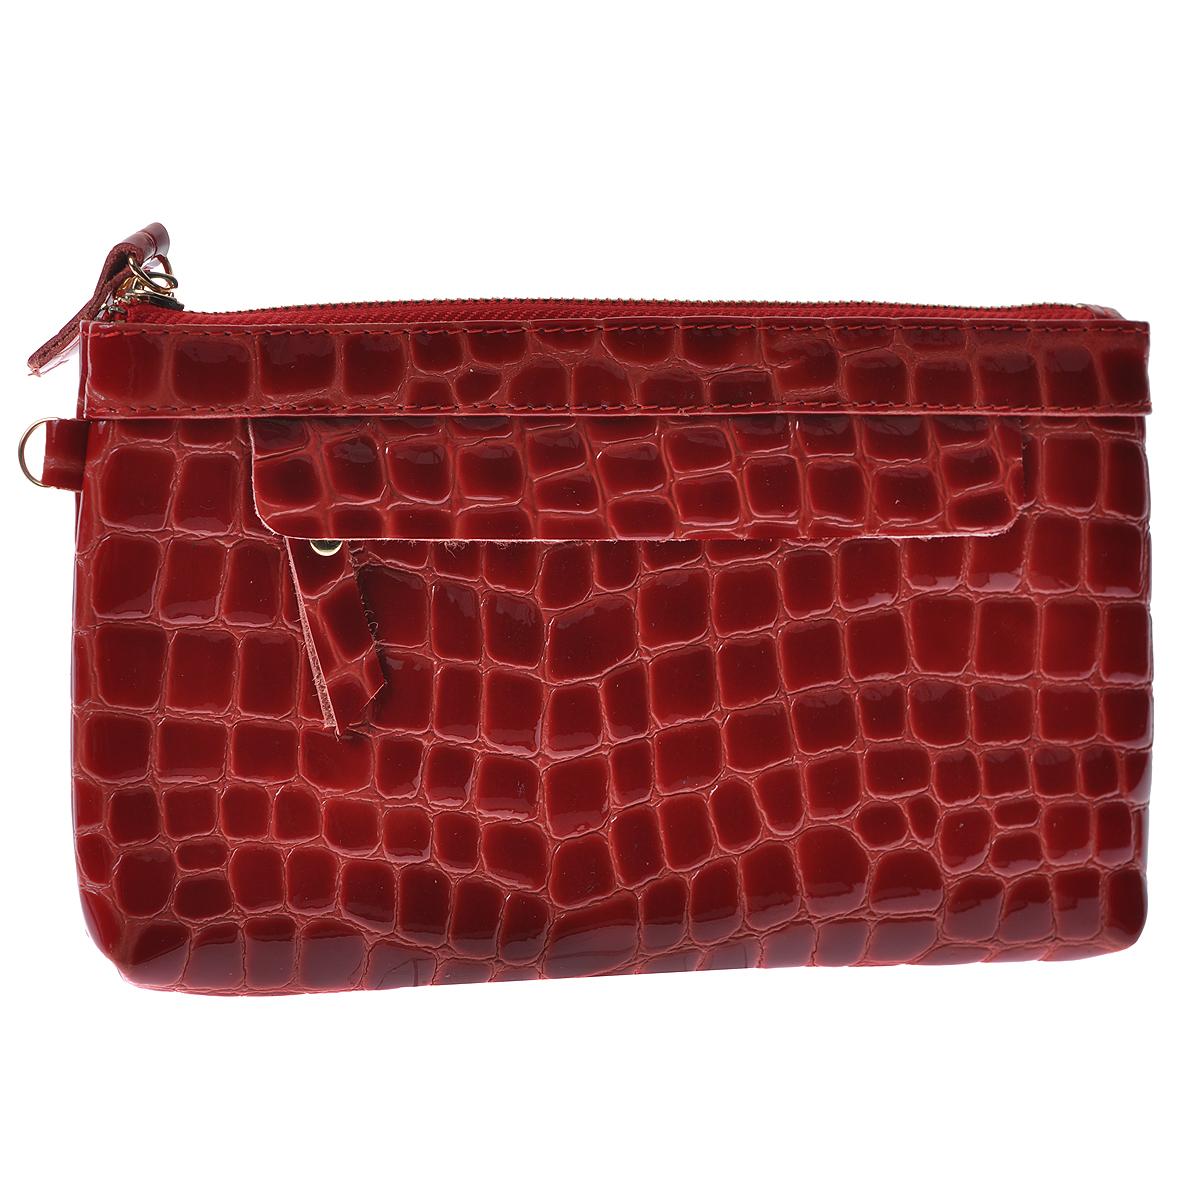 Сумка женская Cheribags, цвет: красный. 611-16611-16Женская сумка Cheribags выполнена из натуральной, лакированной кожи красного цвета с тиснением под рептилию. Сумка имеет одно вместительное отделение, которое закрывается на застежку-молнию. Внутри отделения расположены вшитый карман на молнии и один накладной кармашек. На передней и задней стенке сумки расположен горизонтальный карман на молнии. Фурнитура сумки выполнена из металла золотистого цвета. Модель оснащена ремешком для запястья, крепящийся при помощи карабина. Сумка - это стильный аксессуар, который подчеркнет вашу изысканность и индивидуальность и сделает ваш образ завершенным. Характеристики: Материал: натуральная кожа, текстиль, стразы, металл. Размер сумки: 19 см х 11 см х 2 см. Цвет: красный. Длина ремешка для запястья: 17 см. Артикул: 611-16.